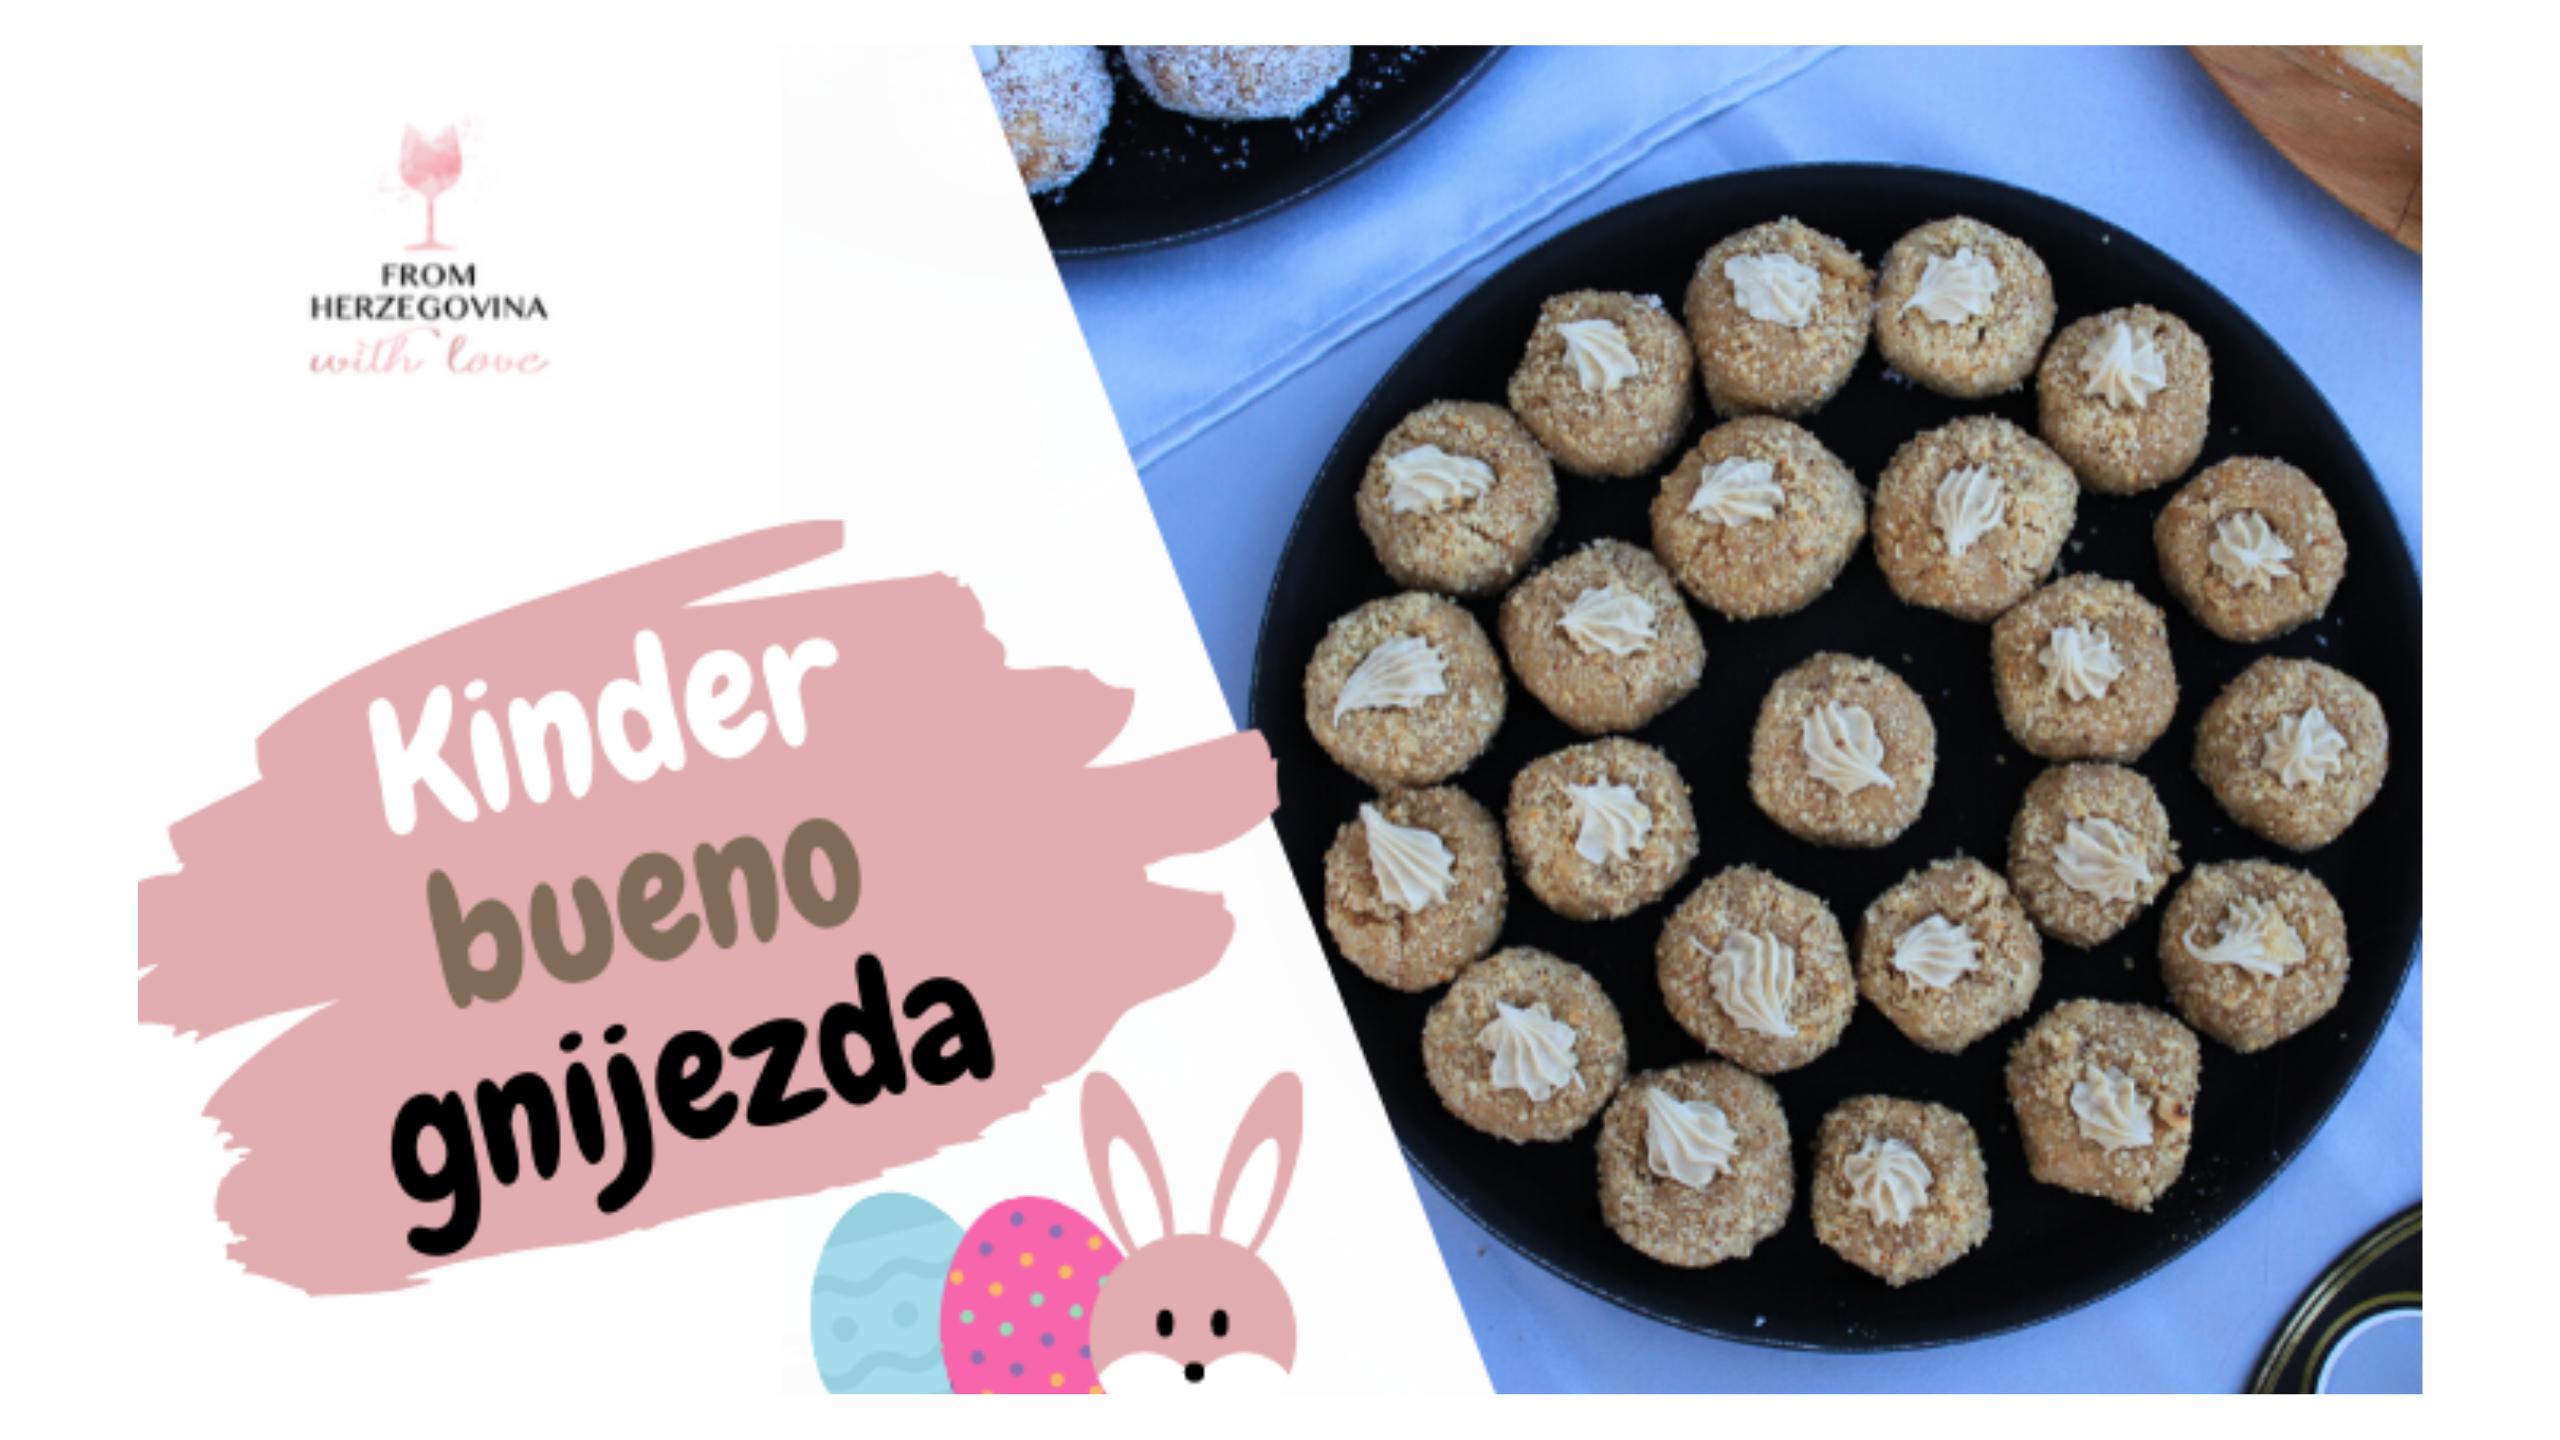 kinder-bueno-gnijezda